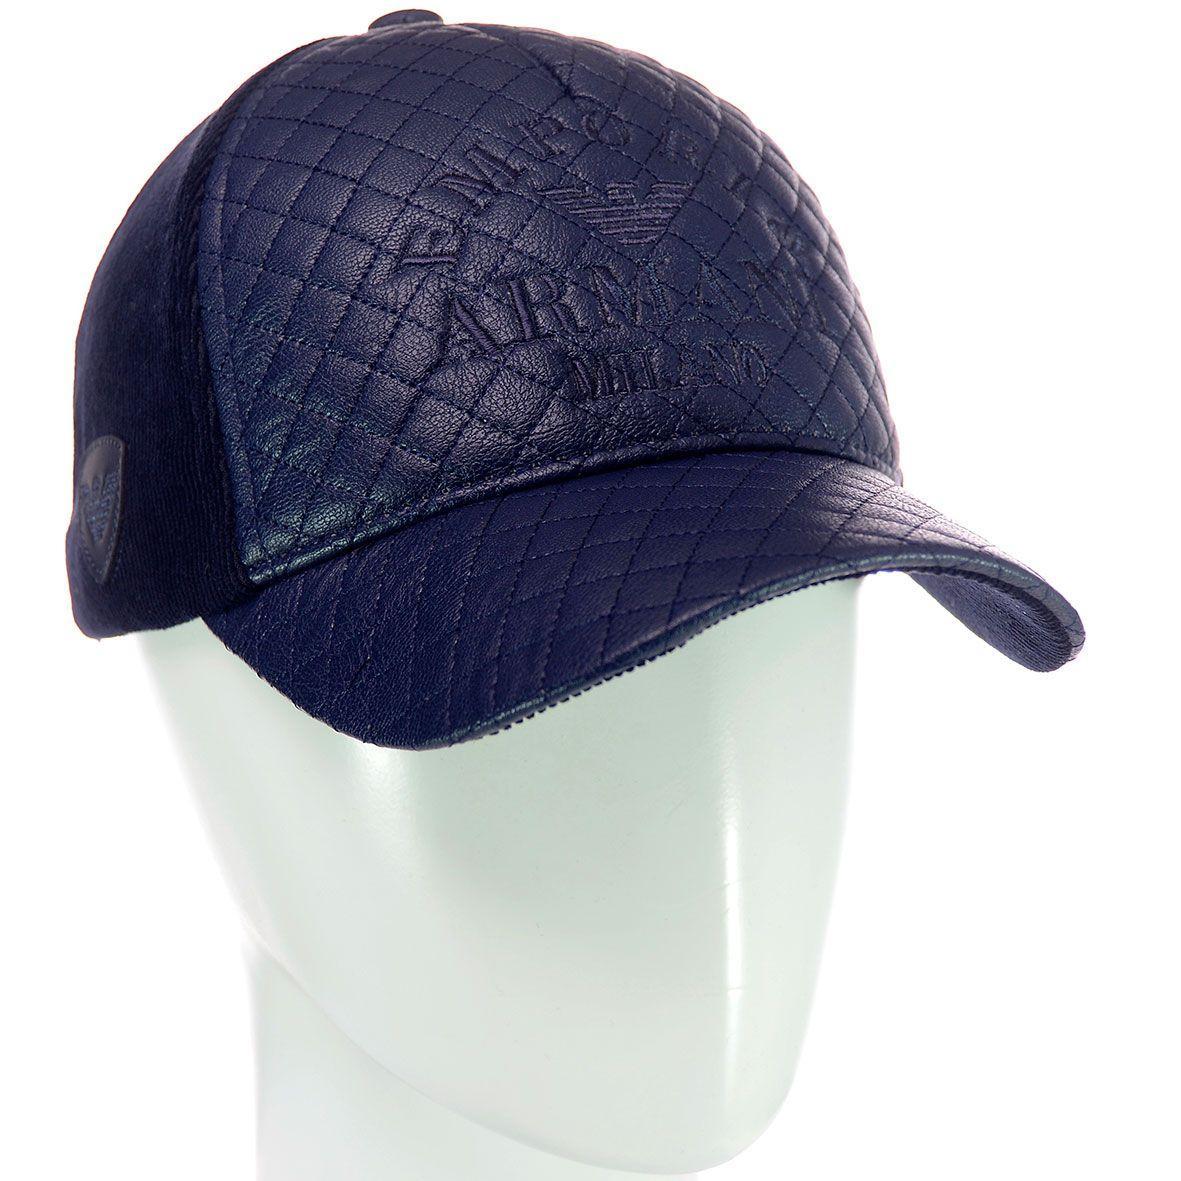 Бейсболка BVHKZ20833 темно-синий